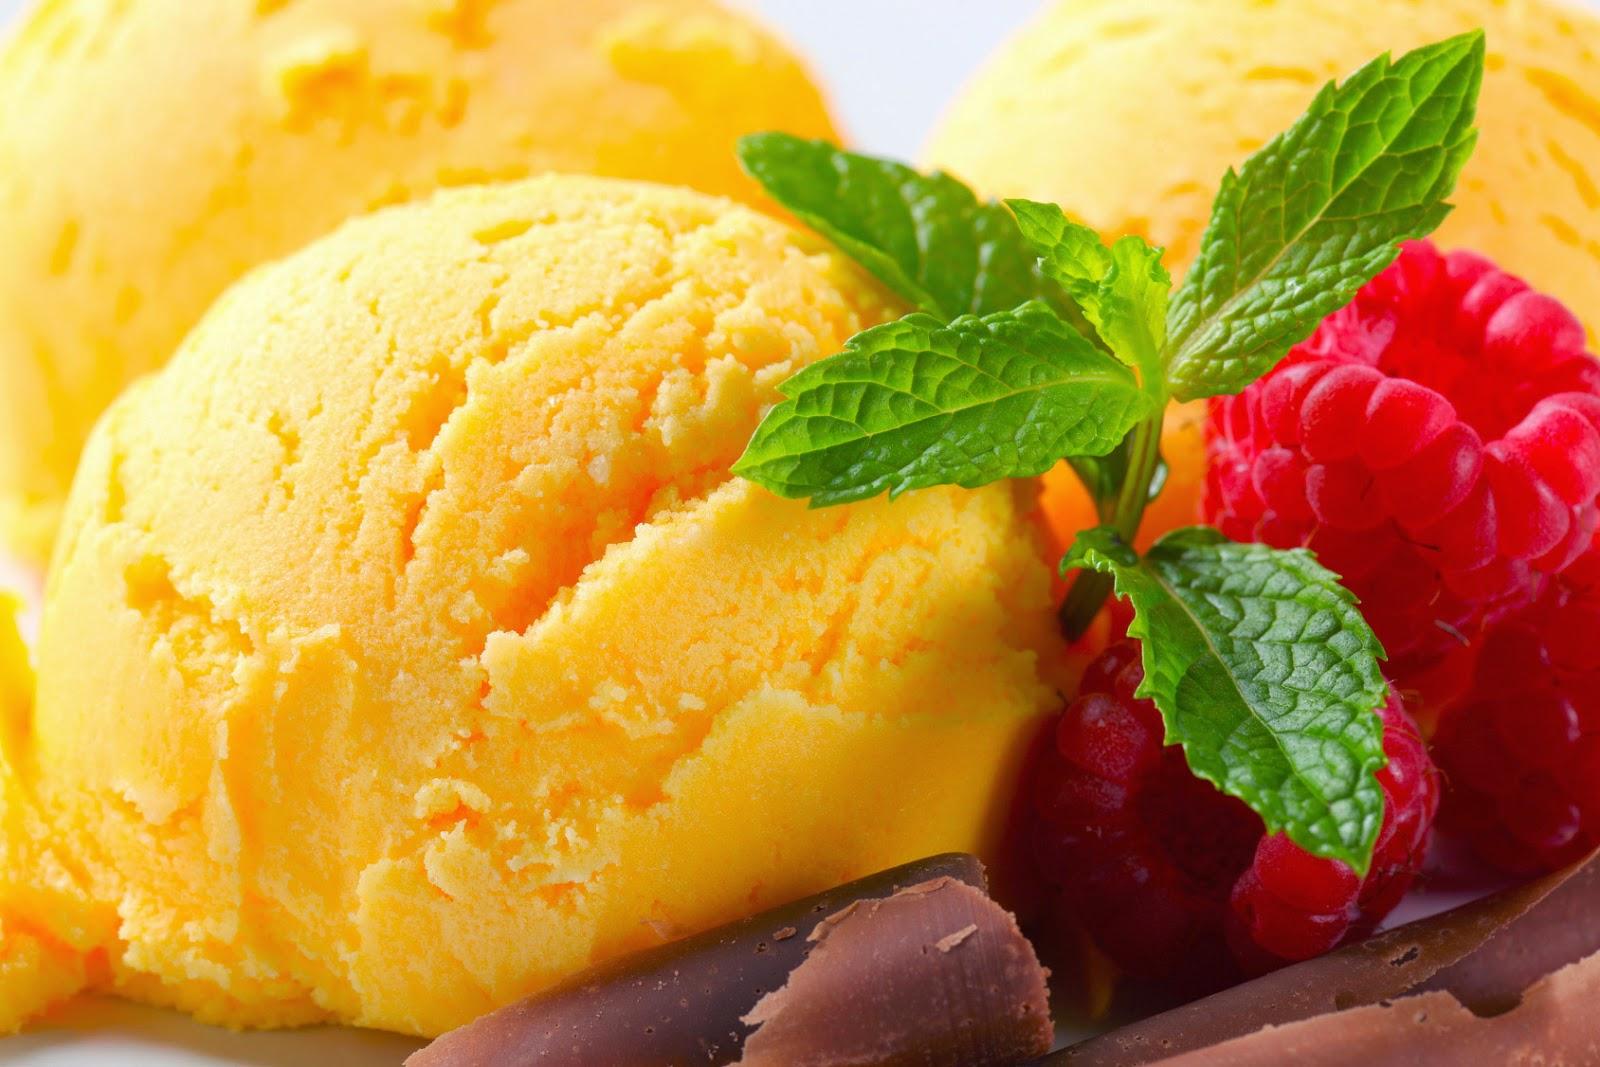 Ricetta gelato vegano senza gelatiera  Leco dellecologia